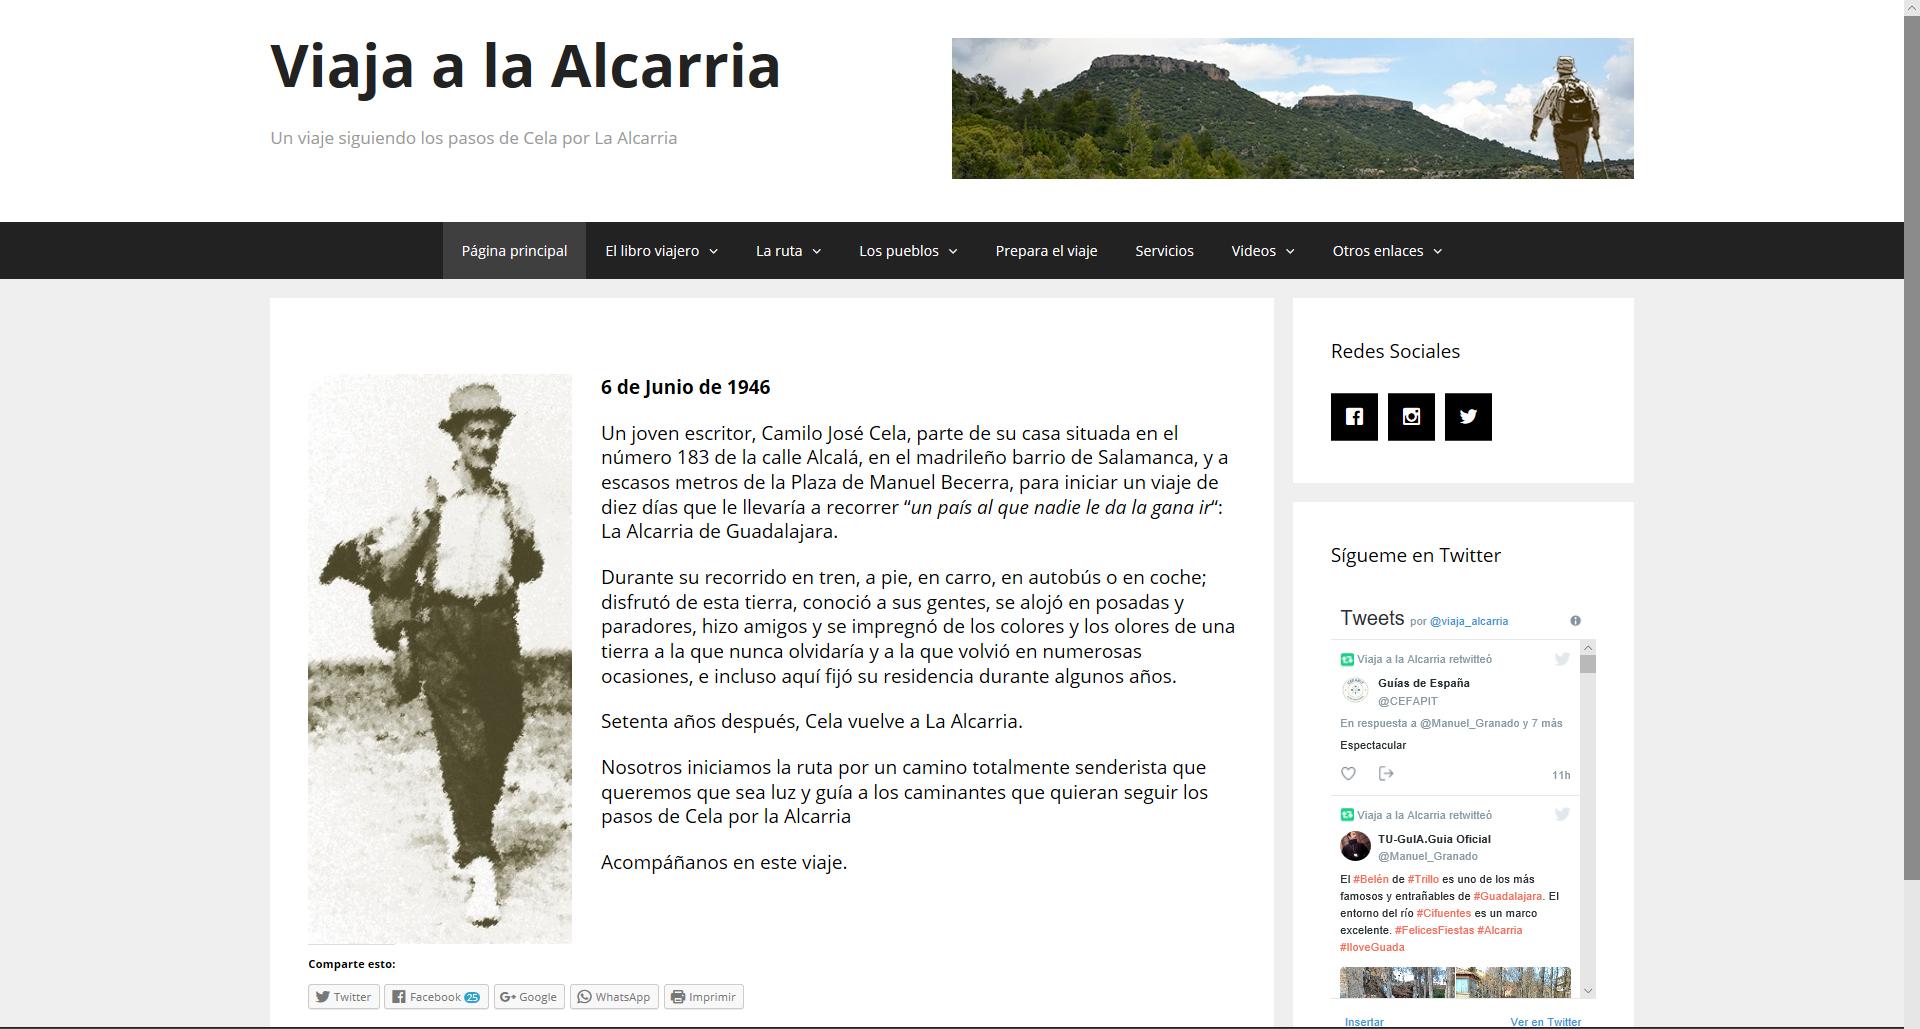 Viaja a la Alcarria